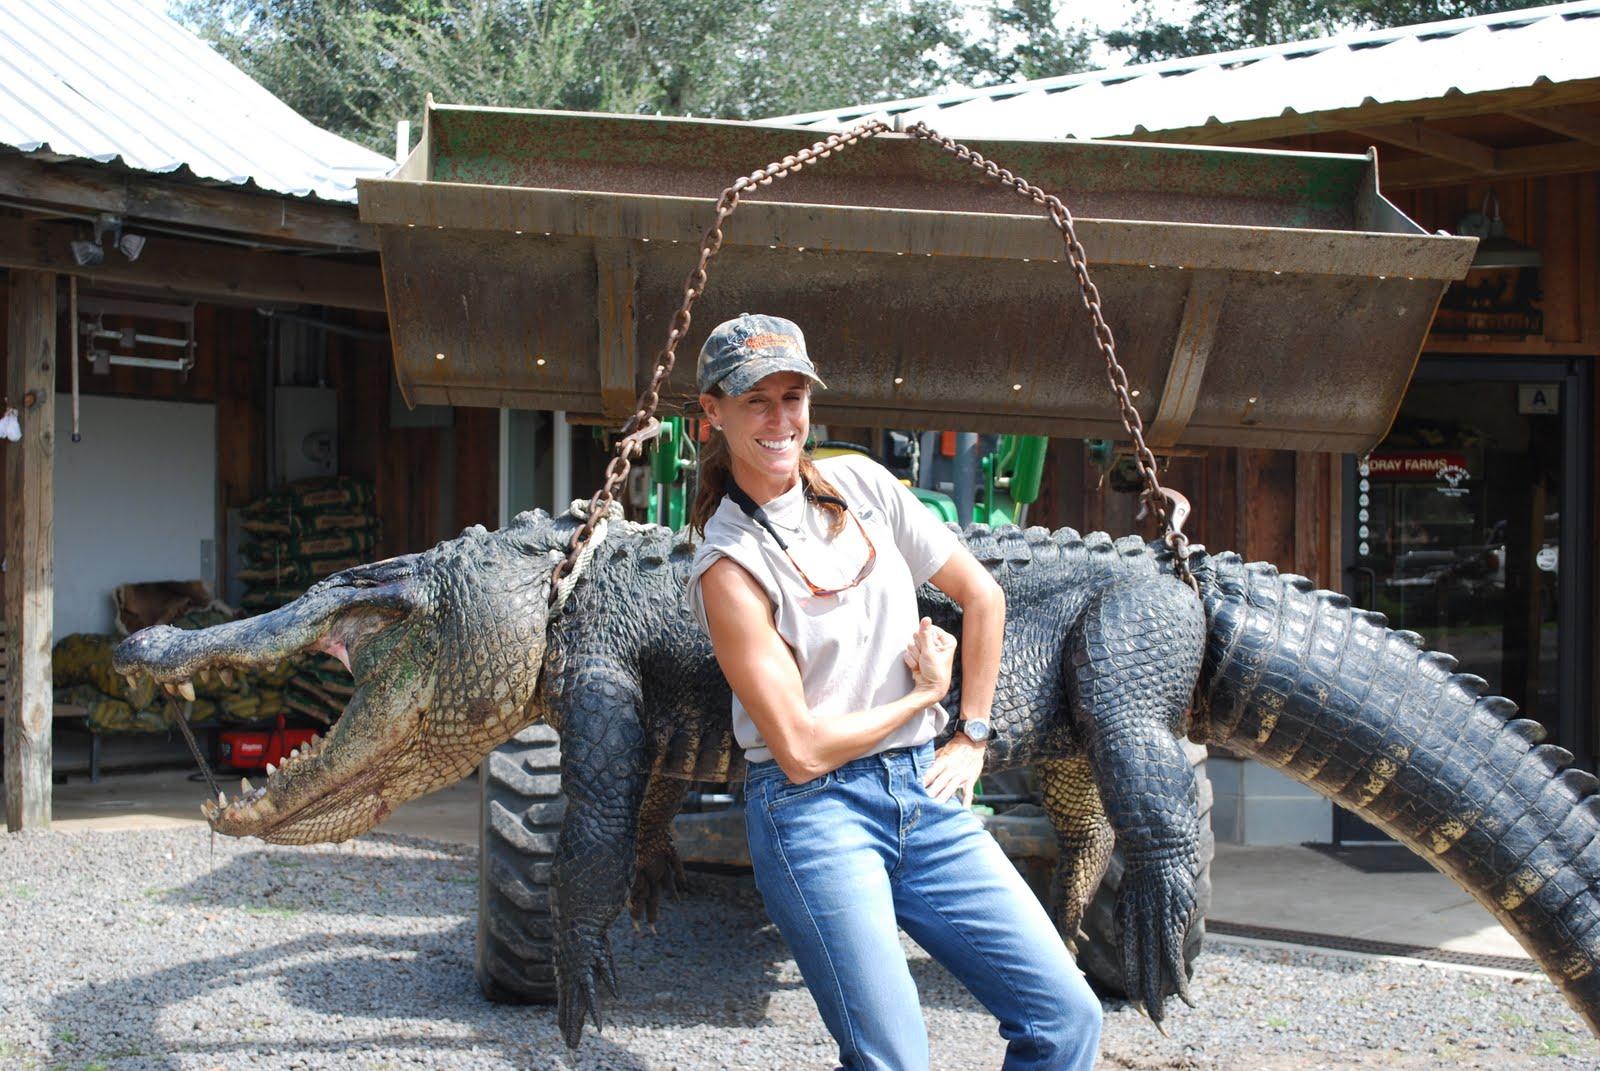 Giant Gators In SC